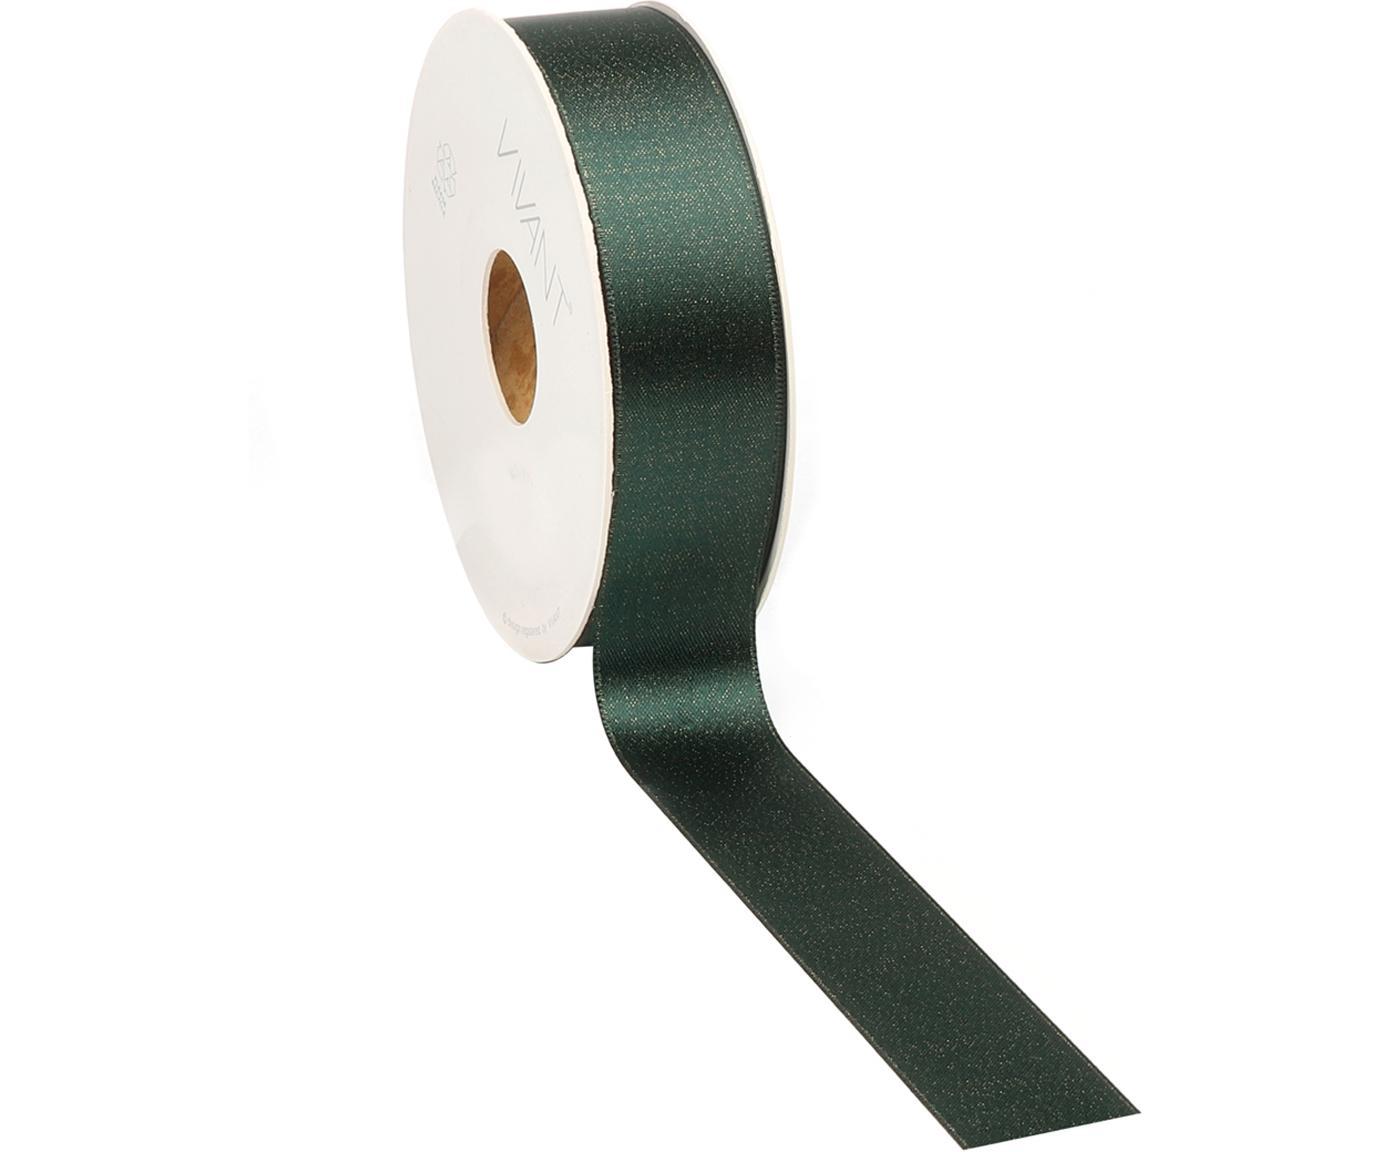 Wstążka prezentowa Victoria, Poliester, Siedzisko: zielony Nogi: drewno dębowe, S 3 x D 2000 cm